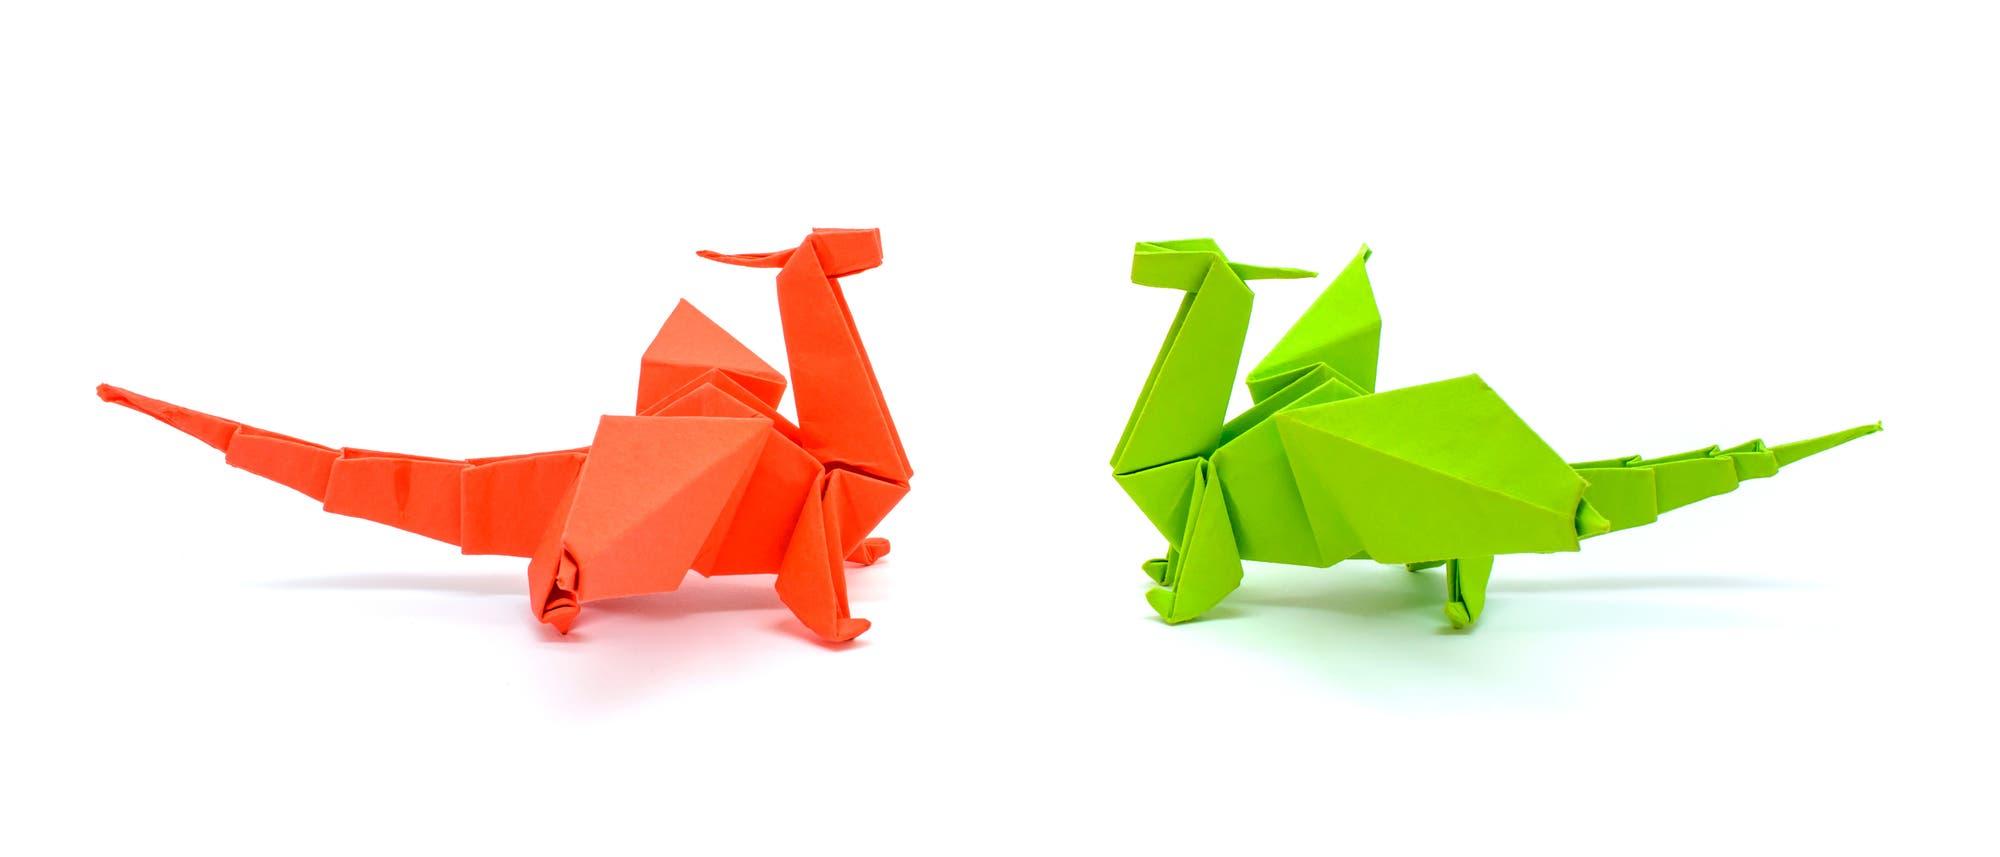 Origami-Drachen